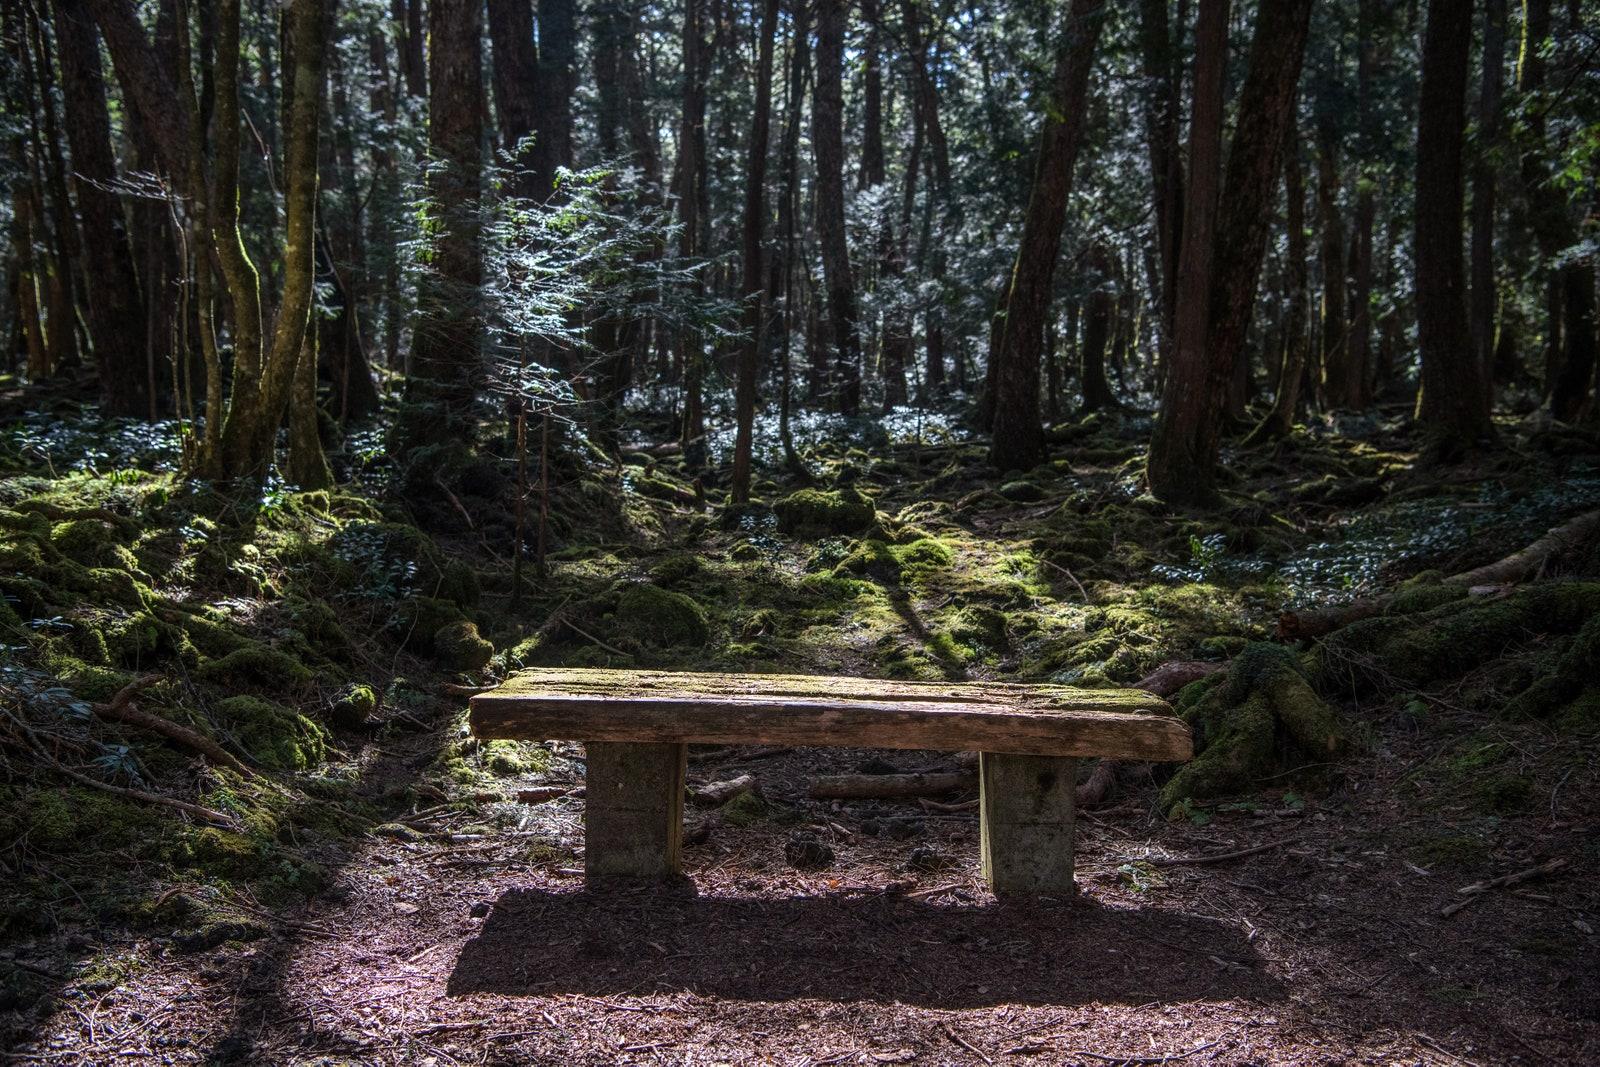 Floresta aokigahara lugares mais assombrados do mundo • mundo sombrio